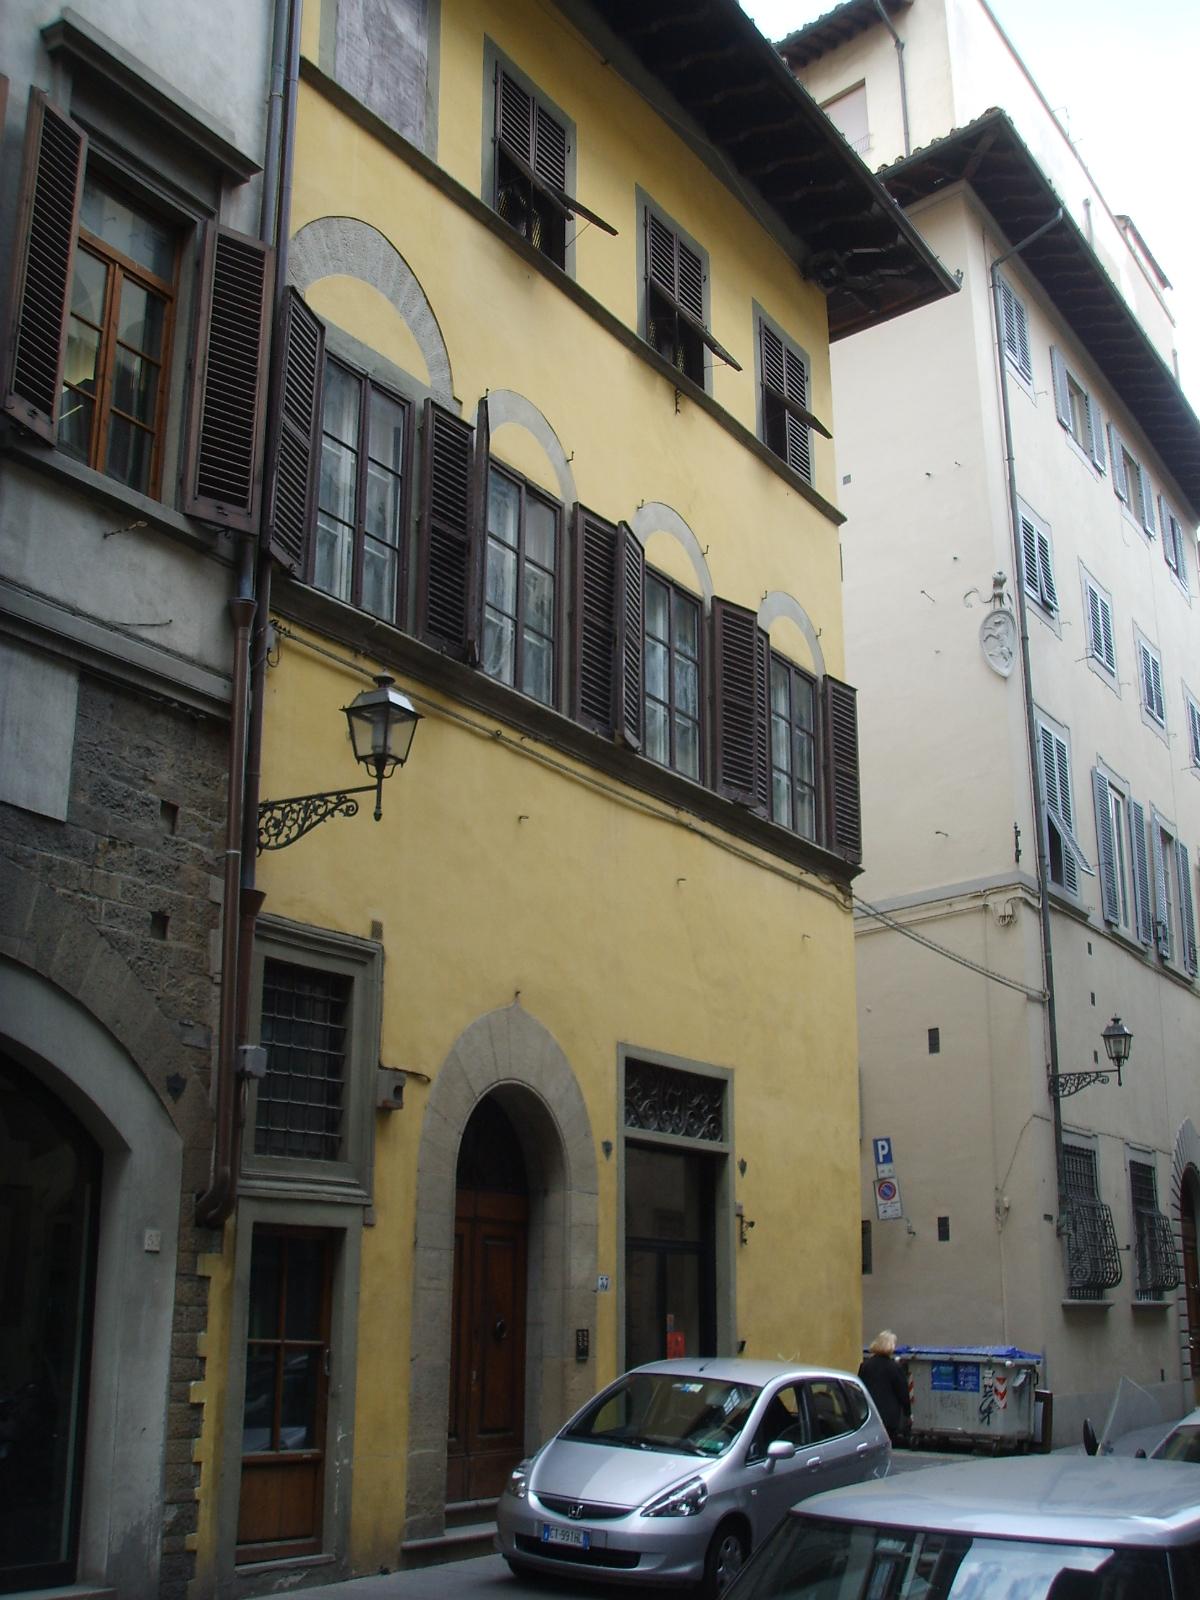 Casa di bernardo buontalenti wikipedia for Casa maggio